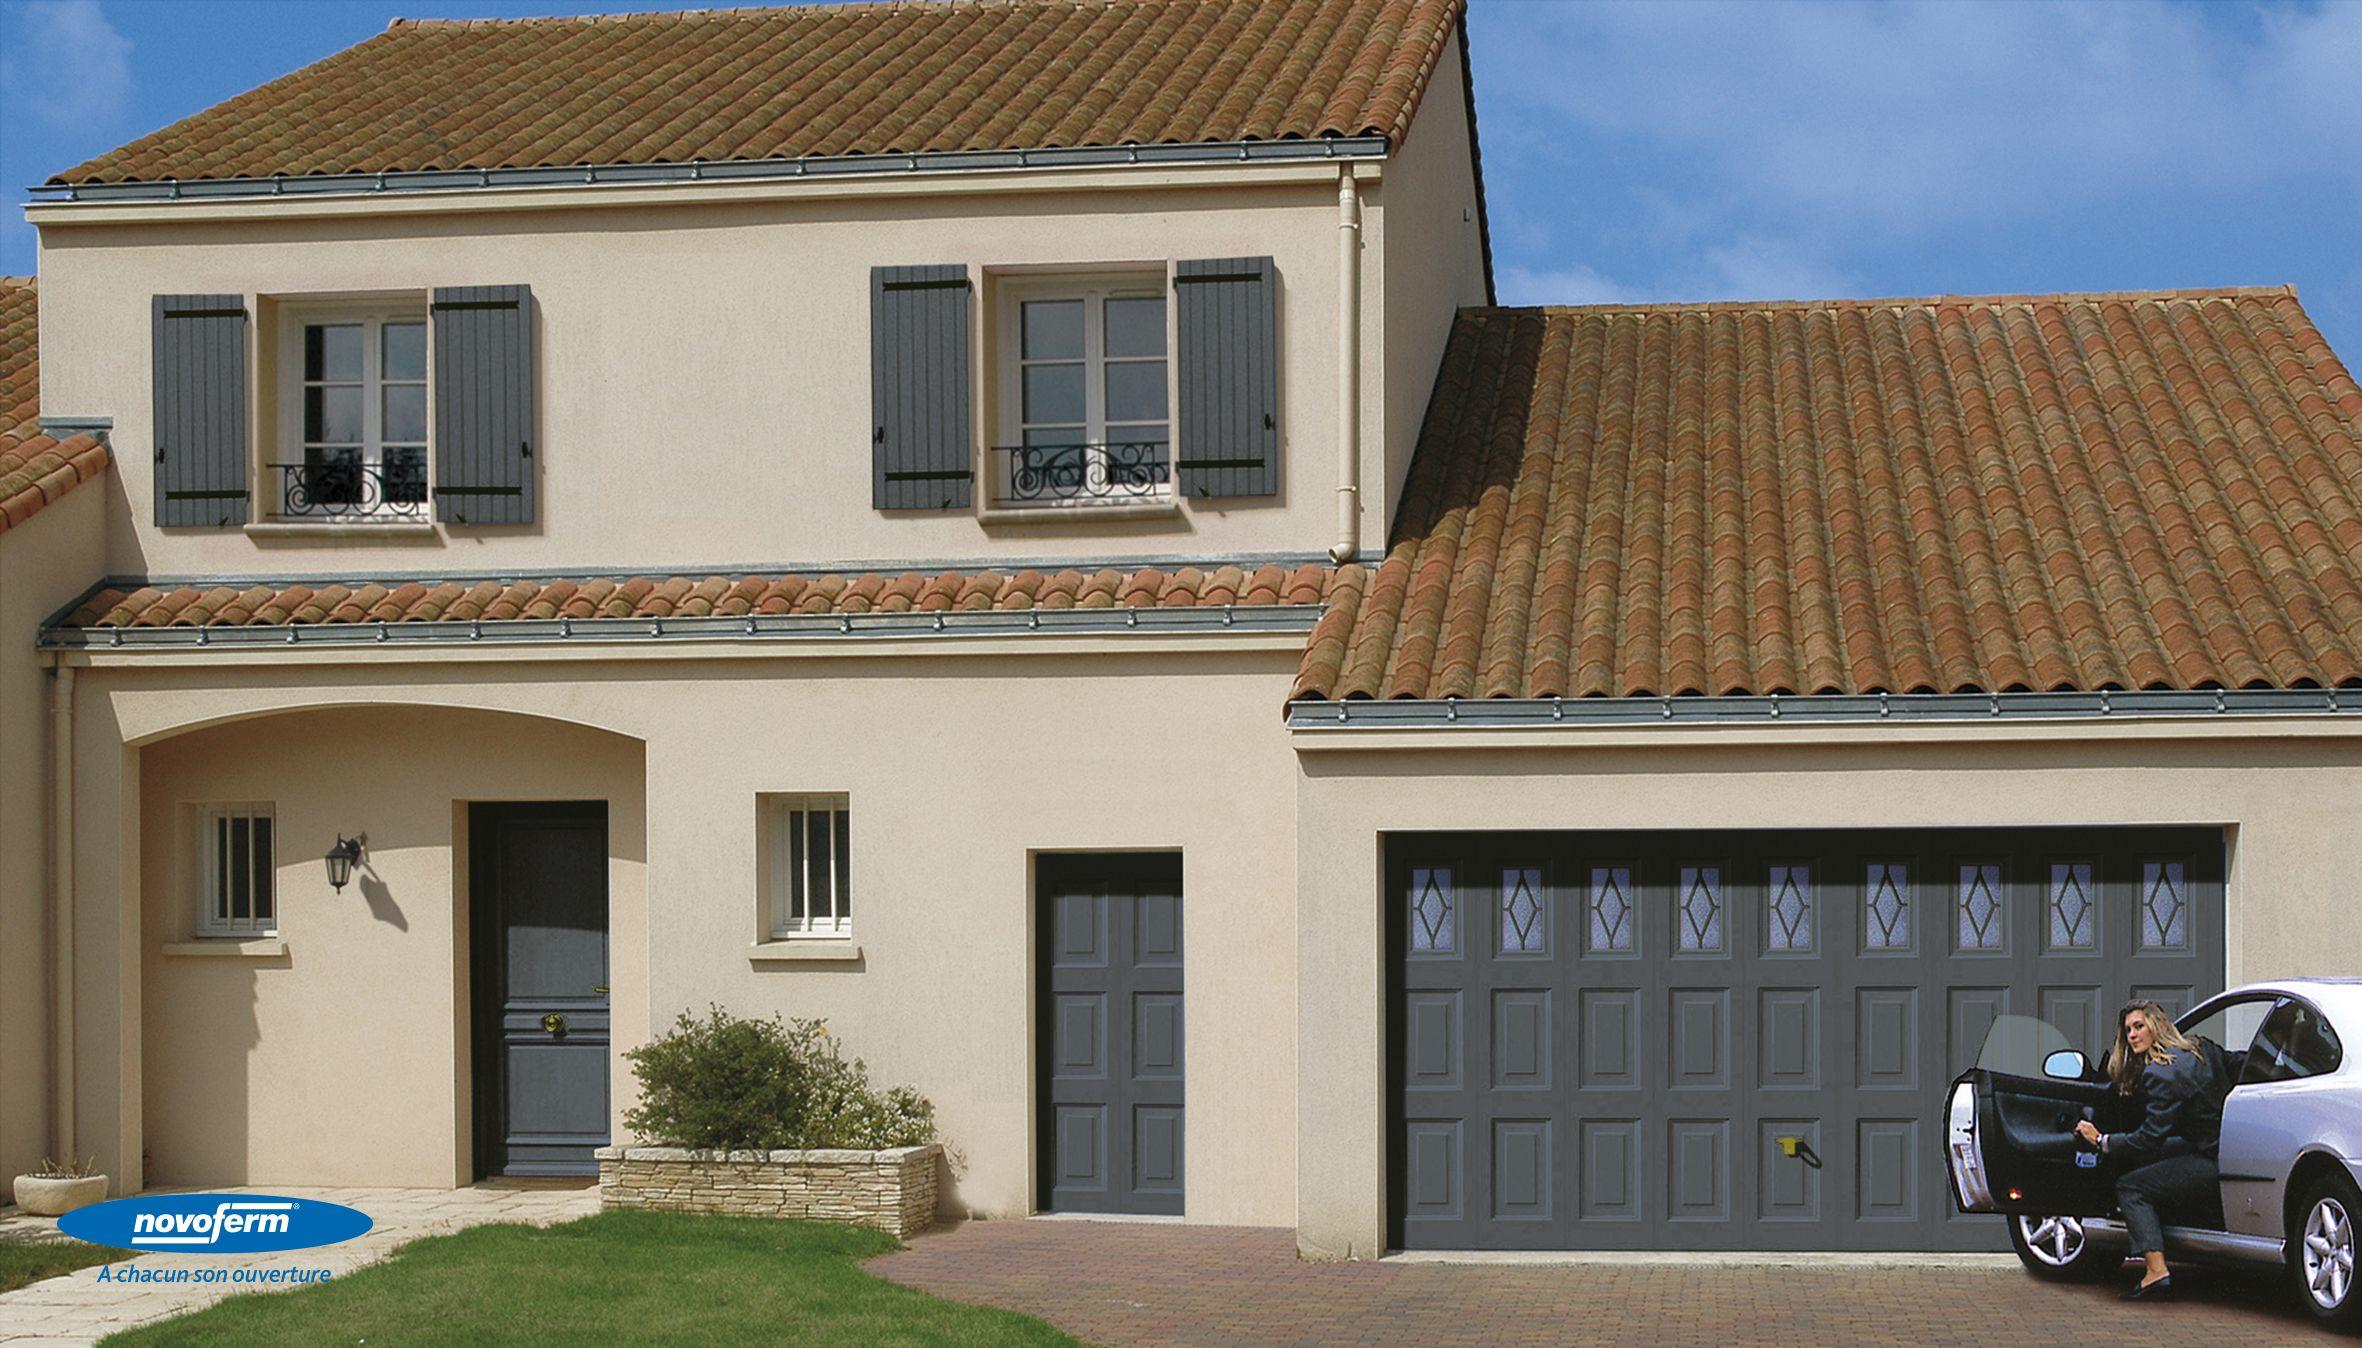 Porte de garage basculante design cassette novoferm nos fournisseurs - Porte de garage design ...